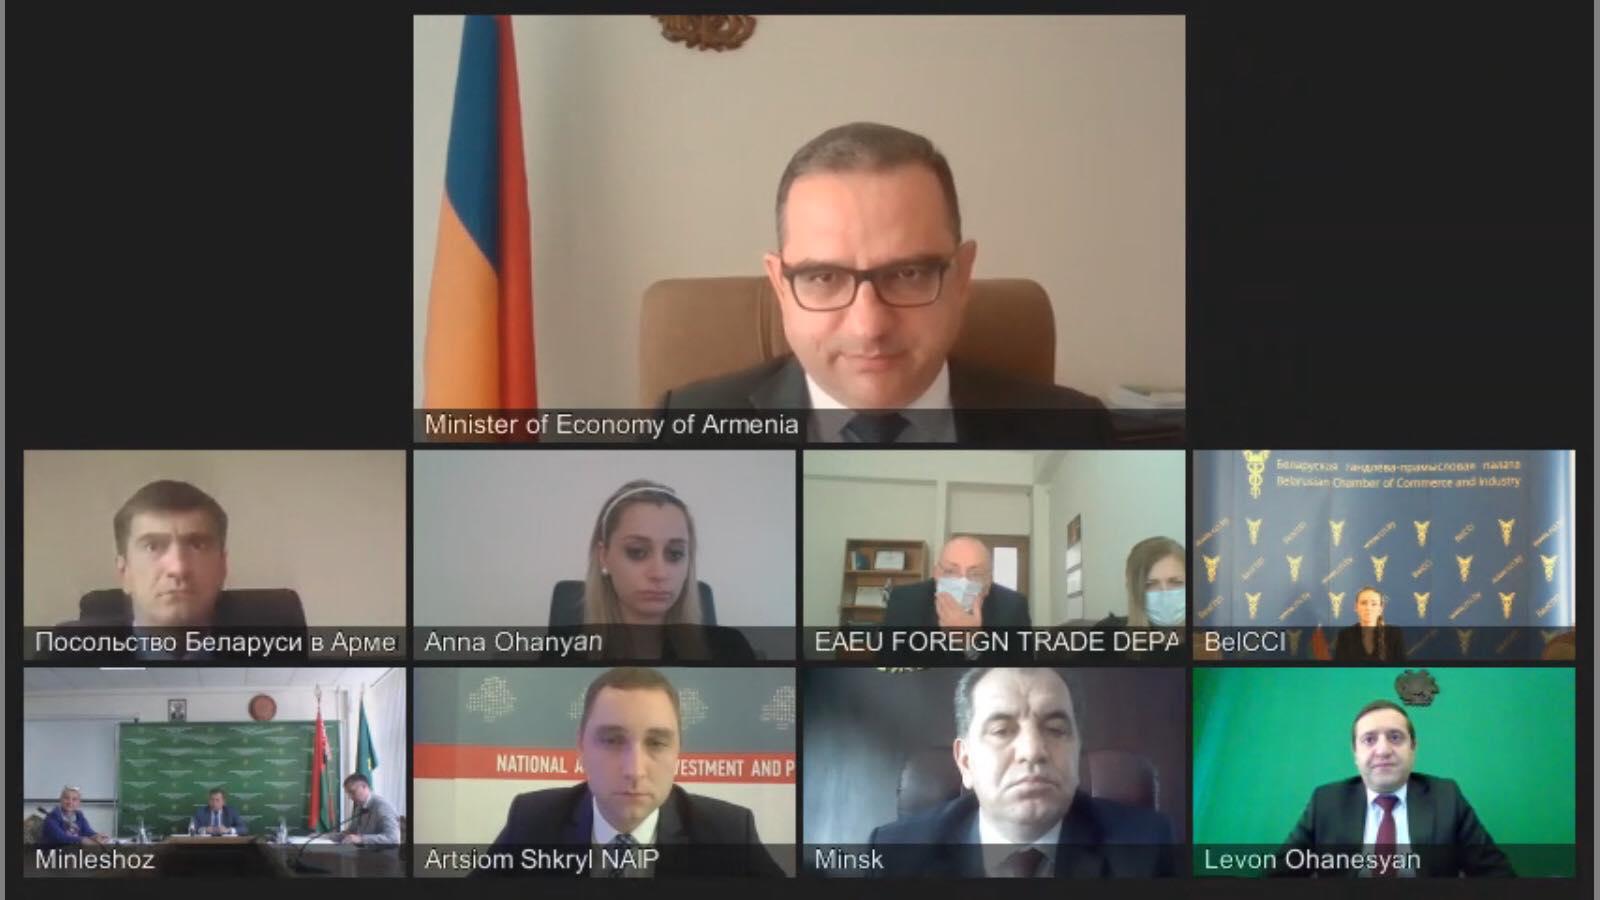 Քննարկվել է Տնտեսական համագործակցության հարցերով հայ–բելառուսական միջկառավարական հանձնաժողովի աշխատանքի ընթացքը